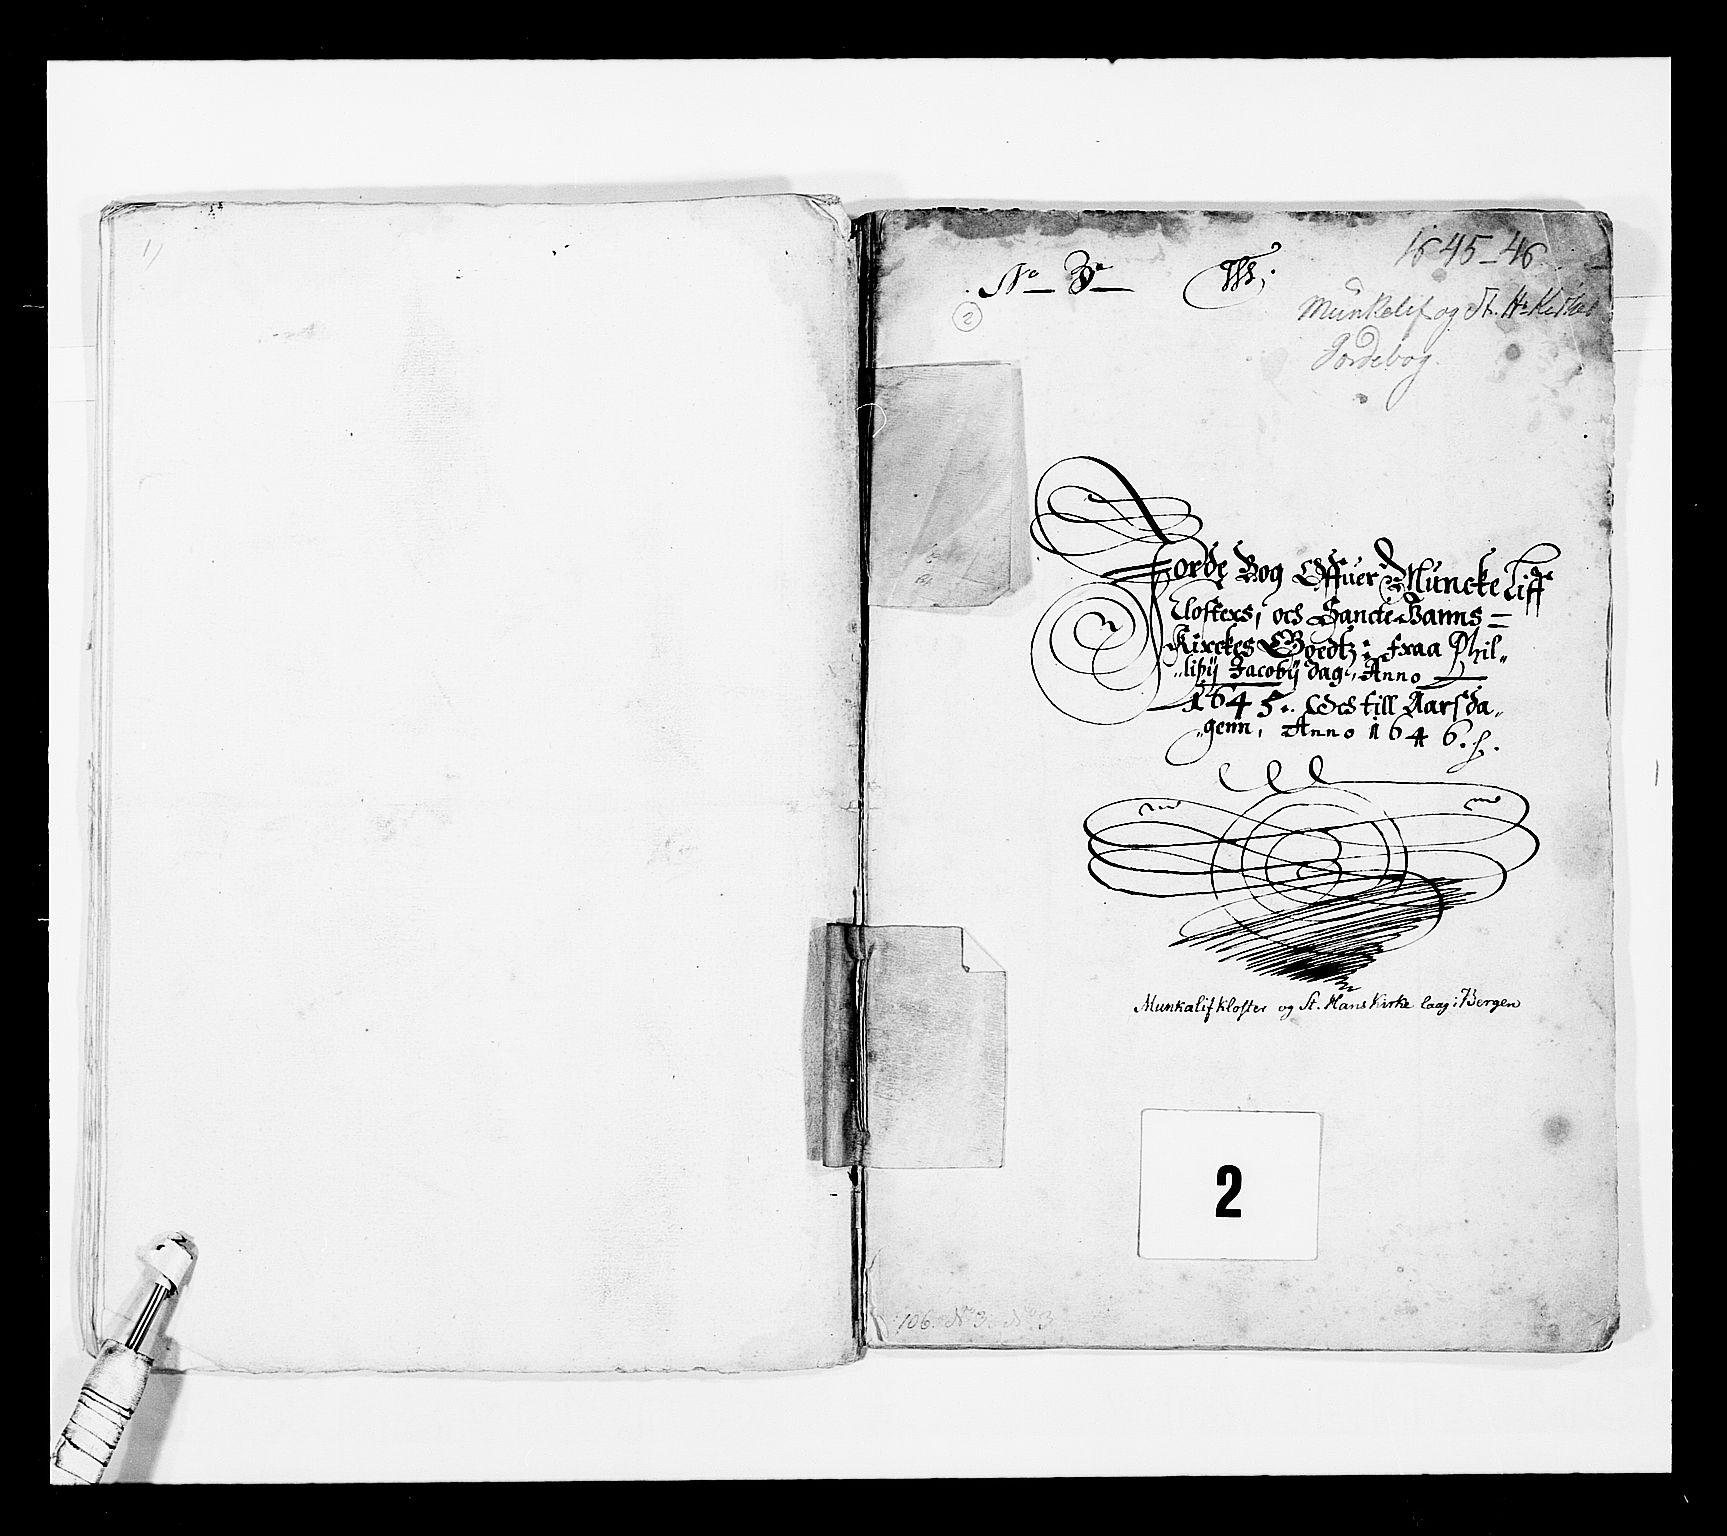 RA, Stattholderembetet 1572-1771, Ek/L0025: Jordebøker 1633-1658:, 1645-1646, s. 17